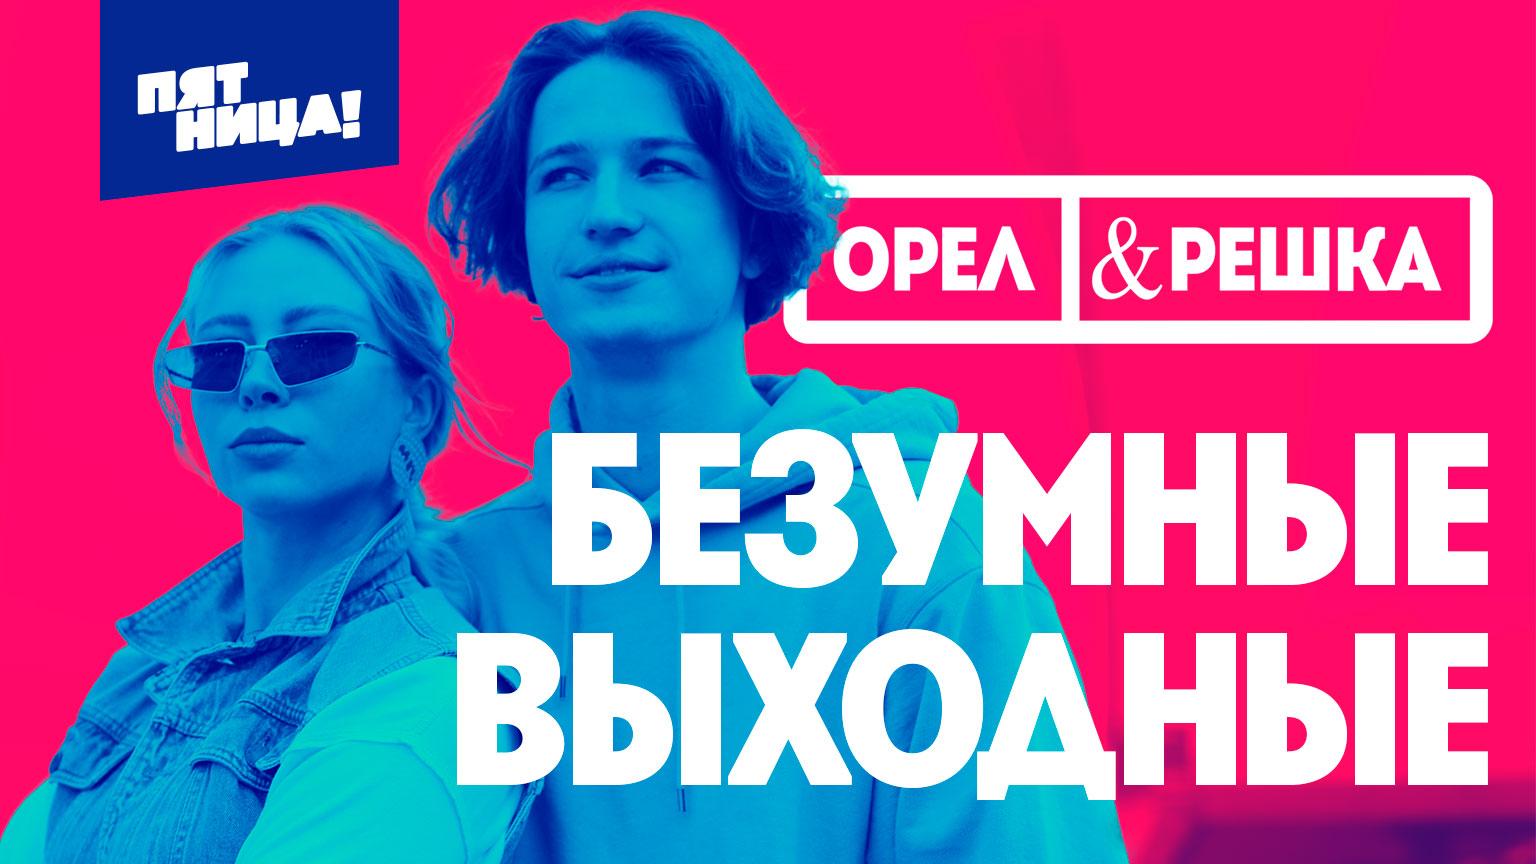 Орел и Решка Безумные выходные_Промобаннер